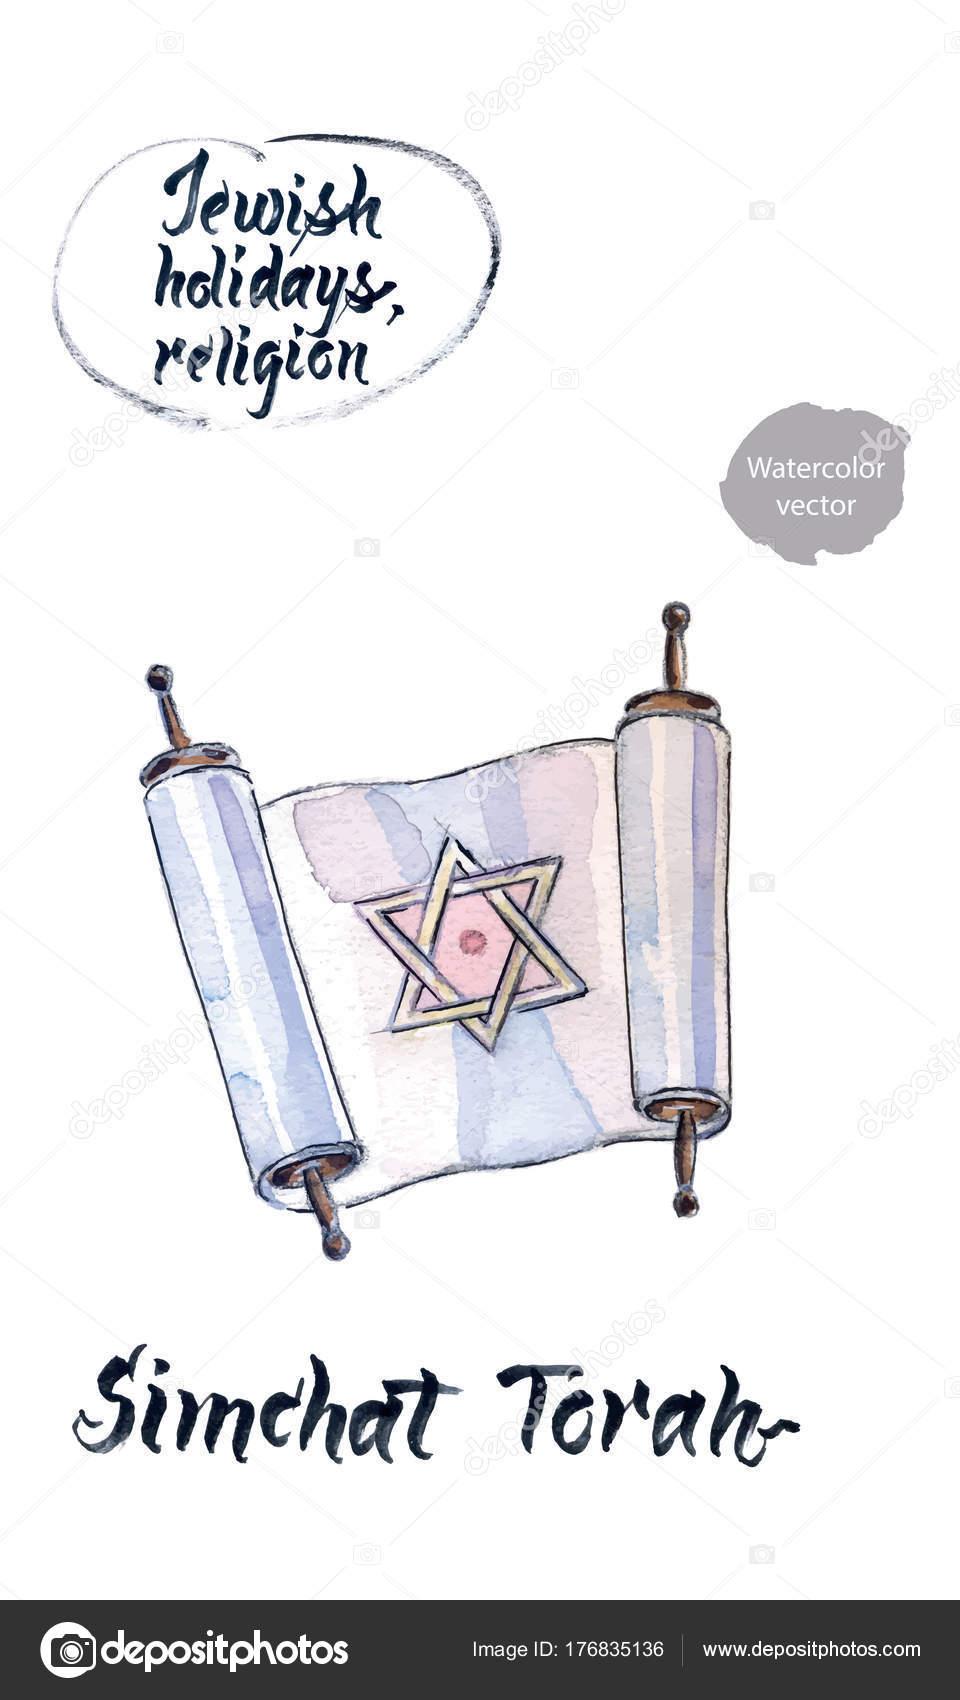 Simchat Torah Jewish Holiday Watercolor Hand Drawn Vector